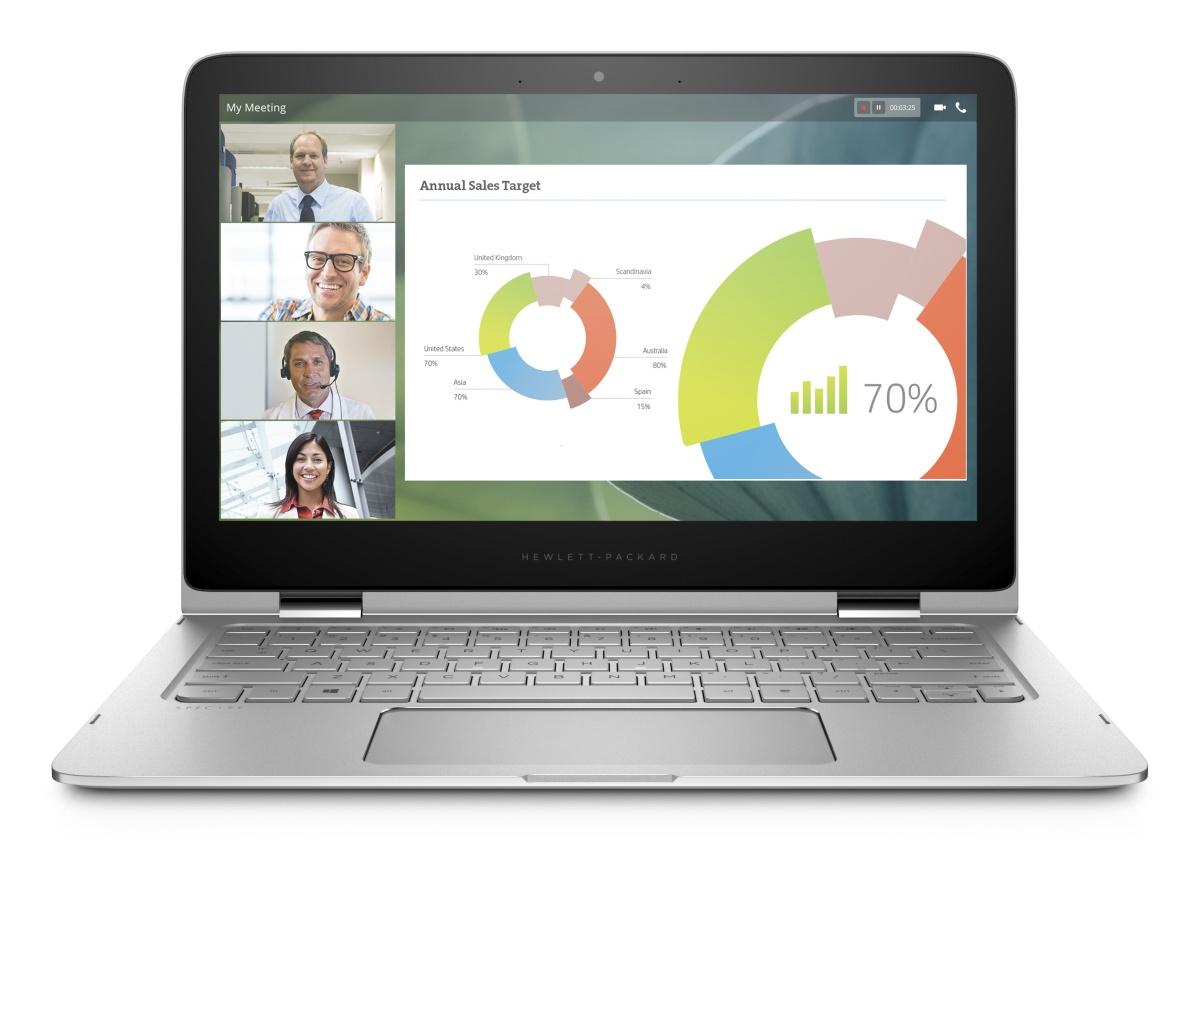 HP Spectre Pro x360 G2 i5-6200U/8GB/256GB SSD/HD Graphics/13,3'' FHD Touch/backlit kbd/Win 10 Pro 64